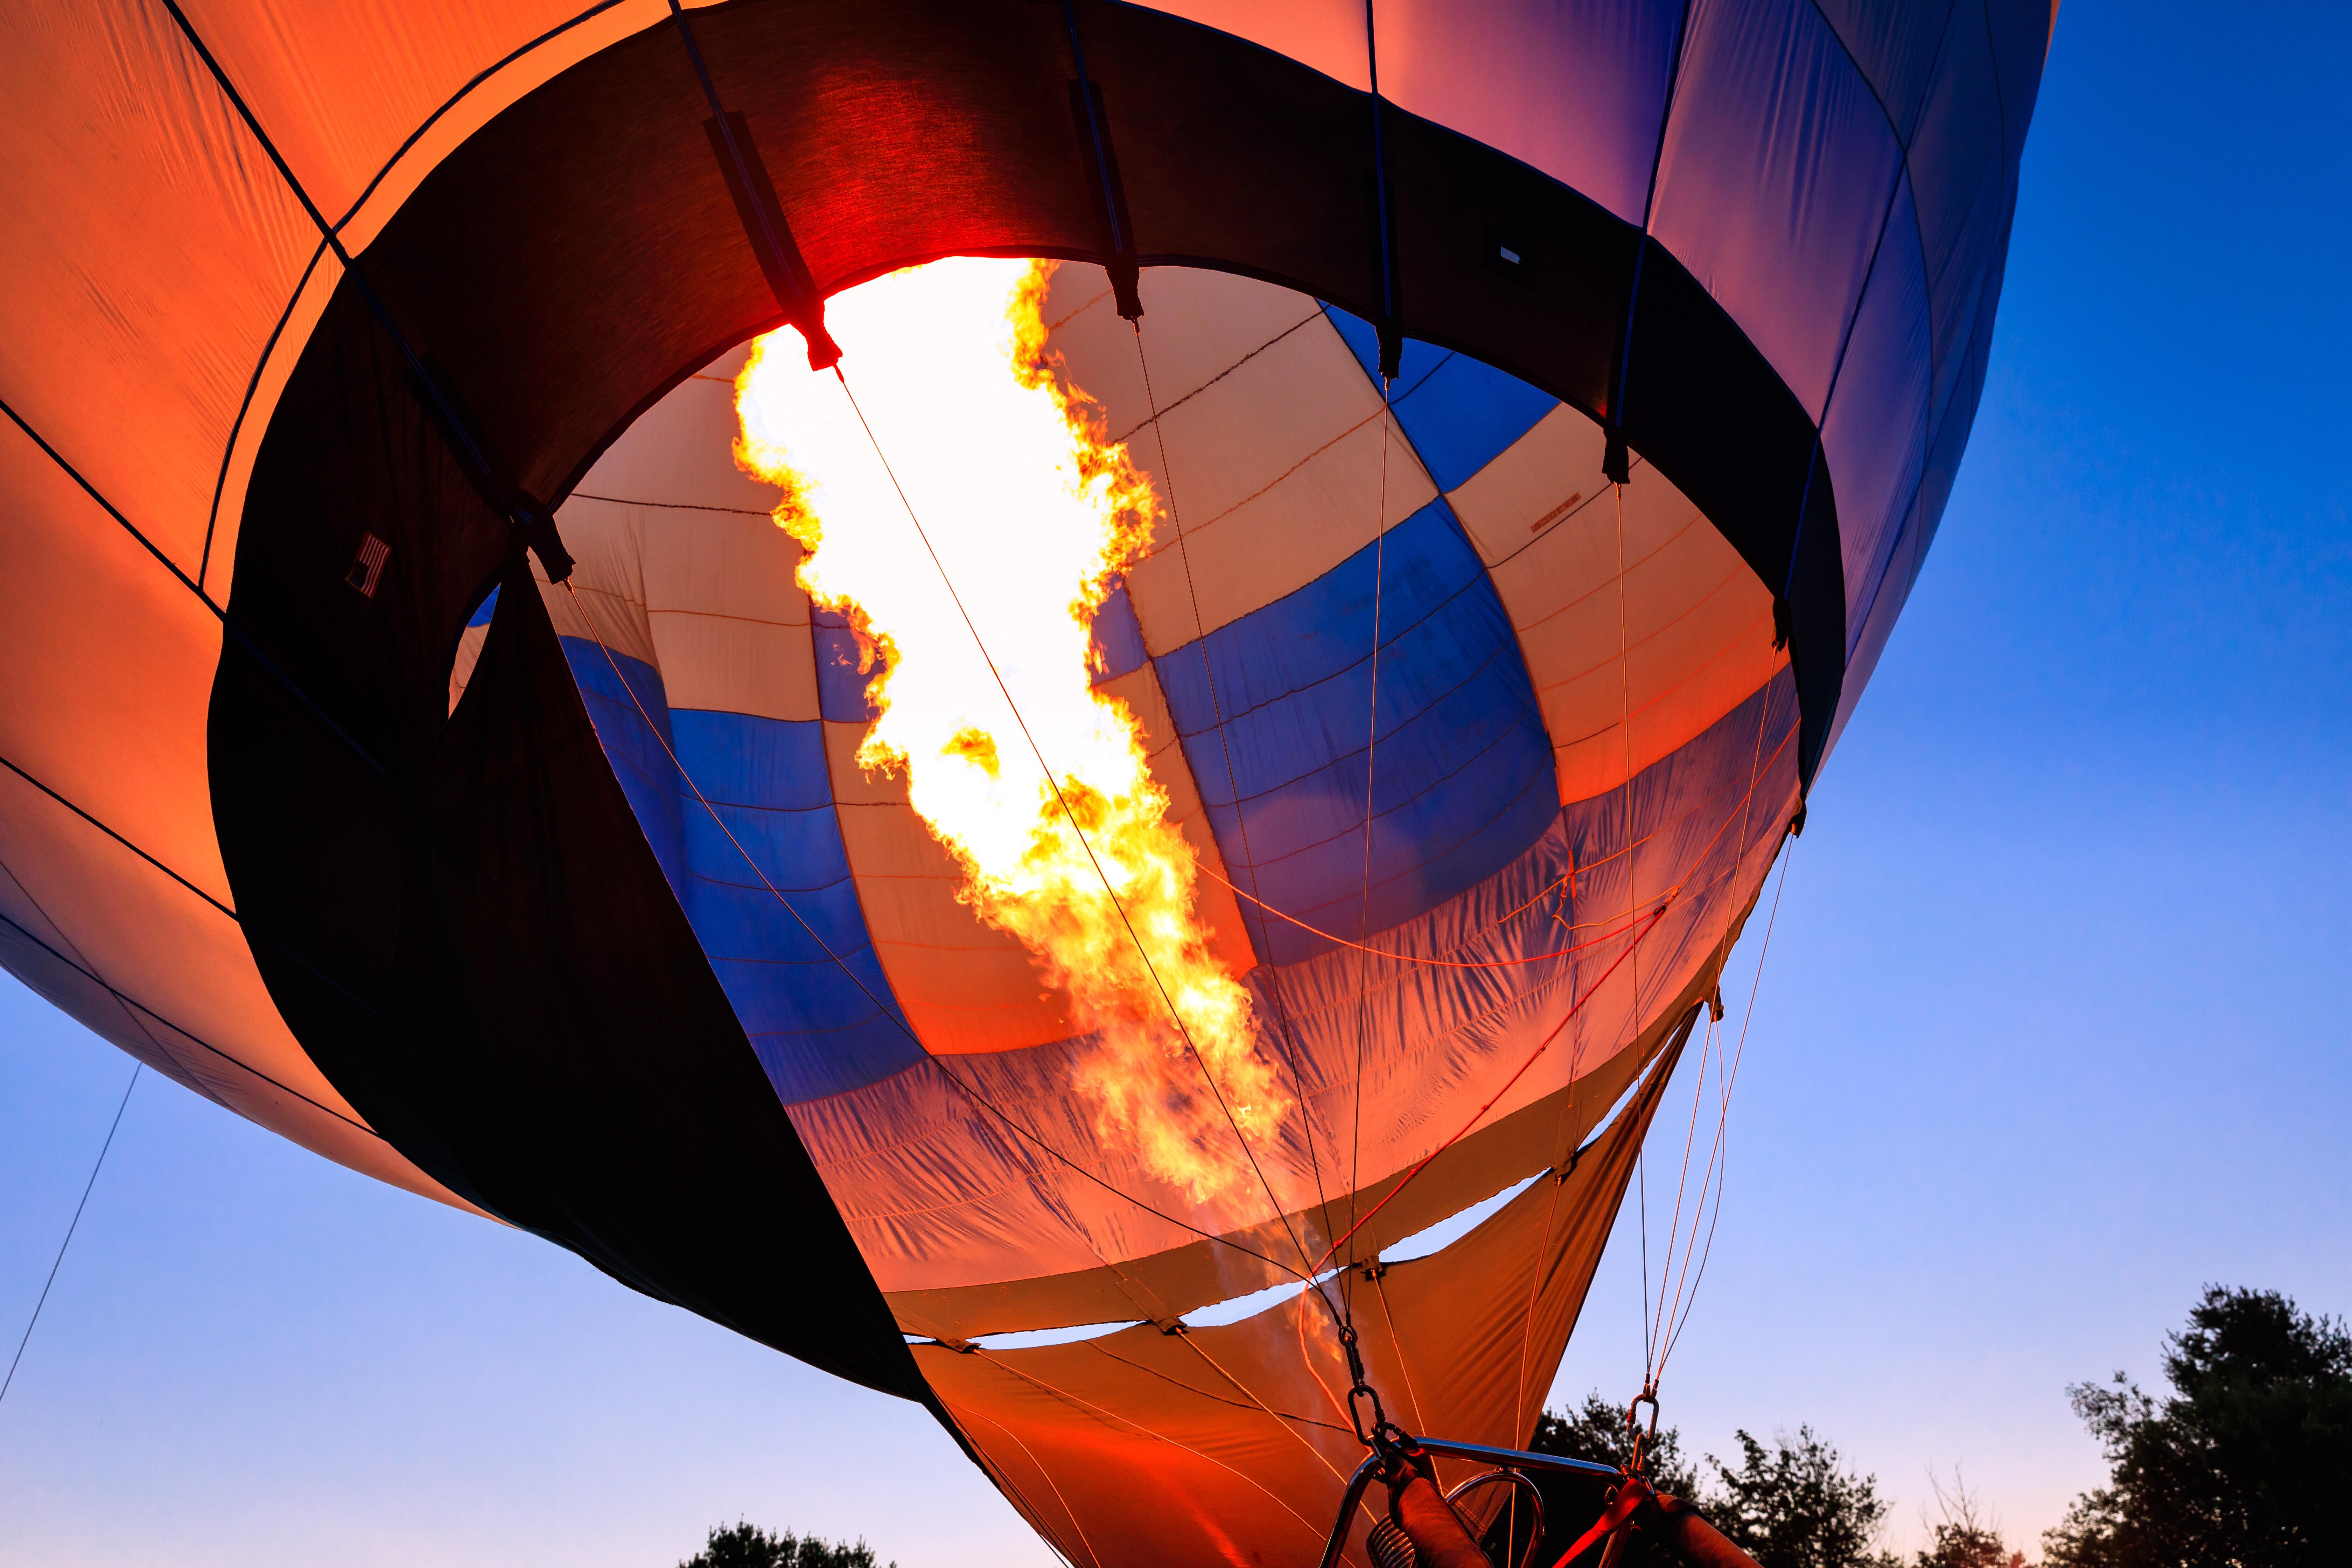 Hudson Hot Air Balloon Festival